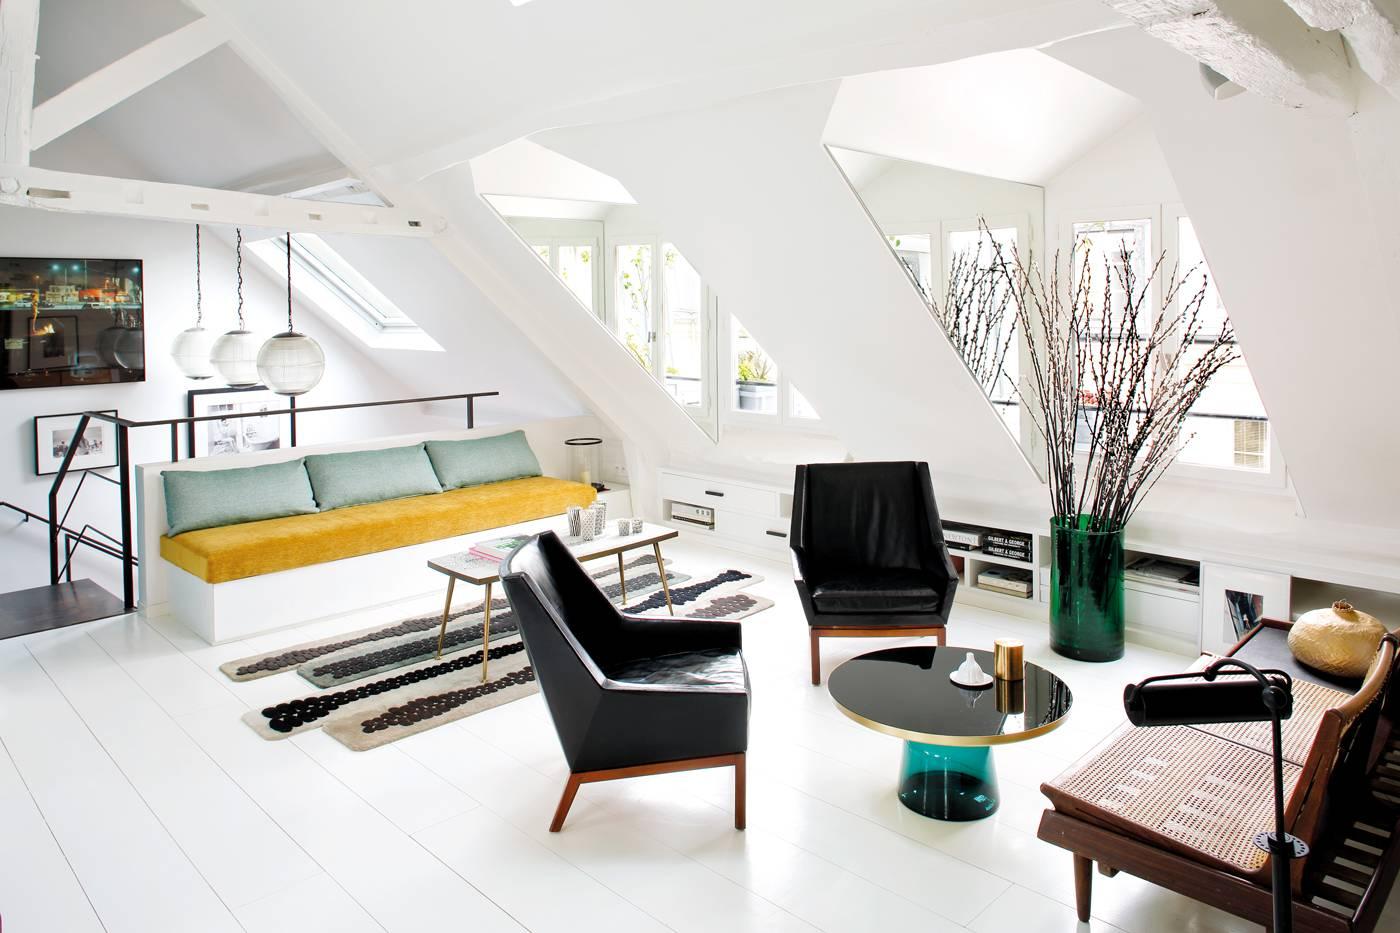 Chez sarah lavoine id es d co meubles et int rieurs design residences decoration magazine - Sistemas de iluminacion interior ...